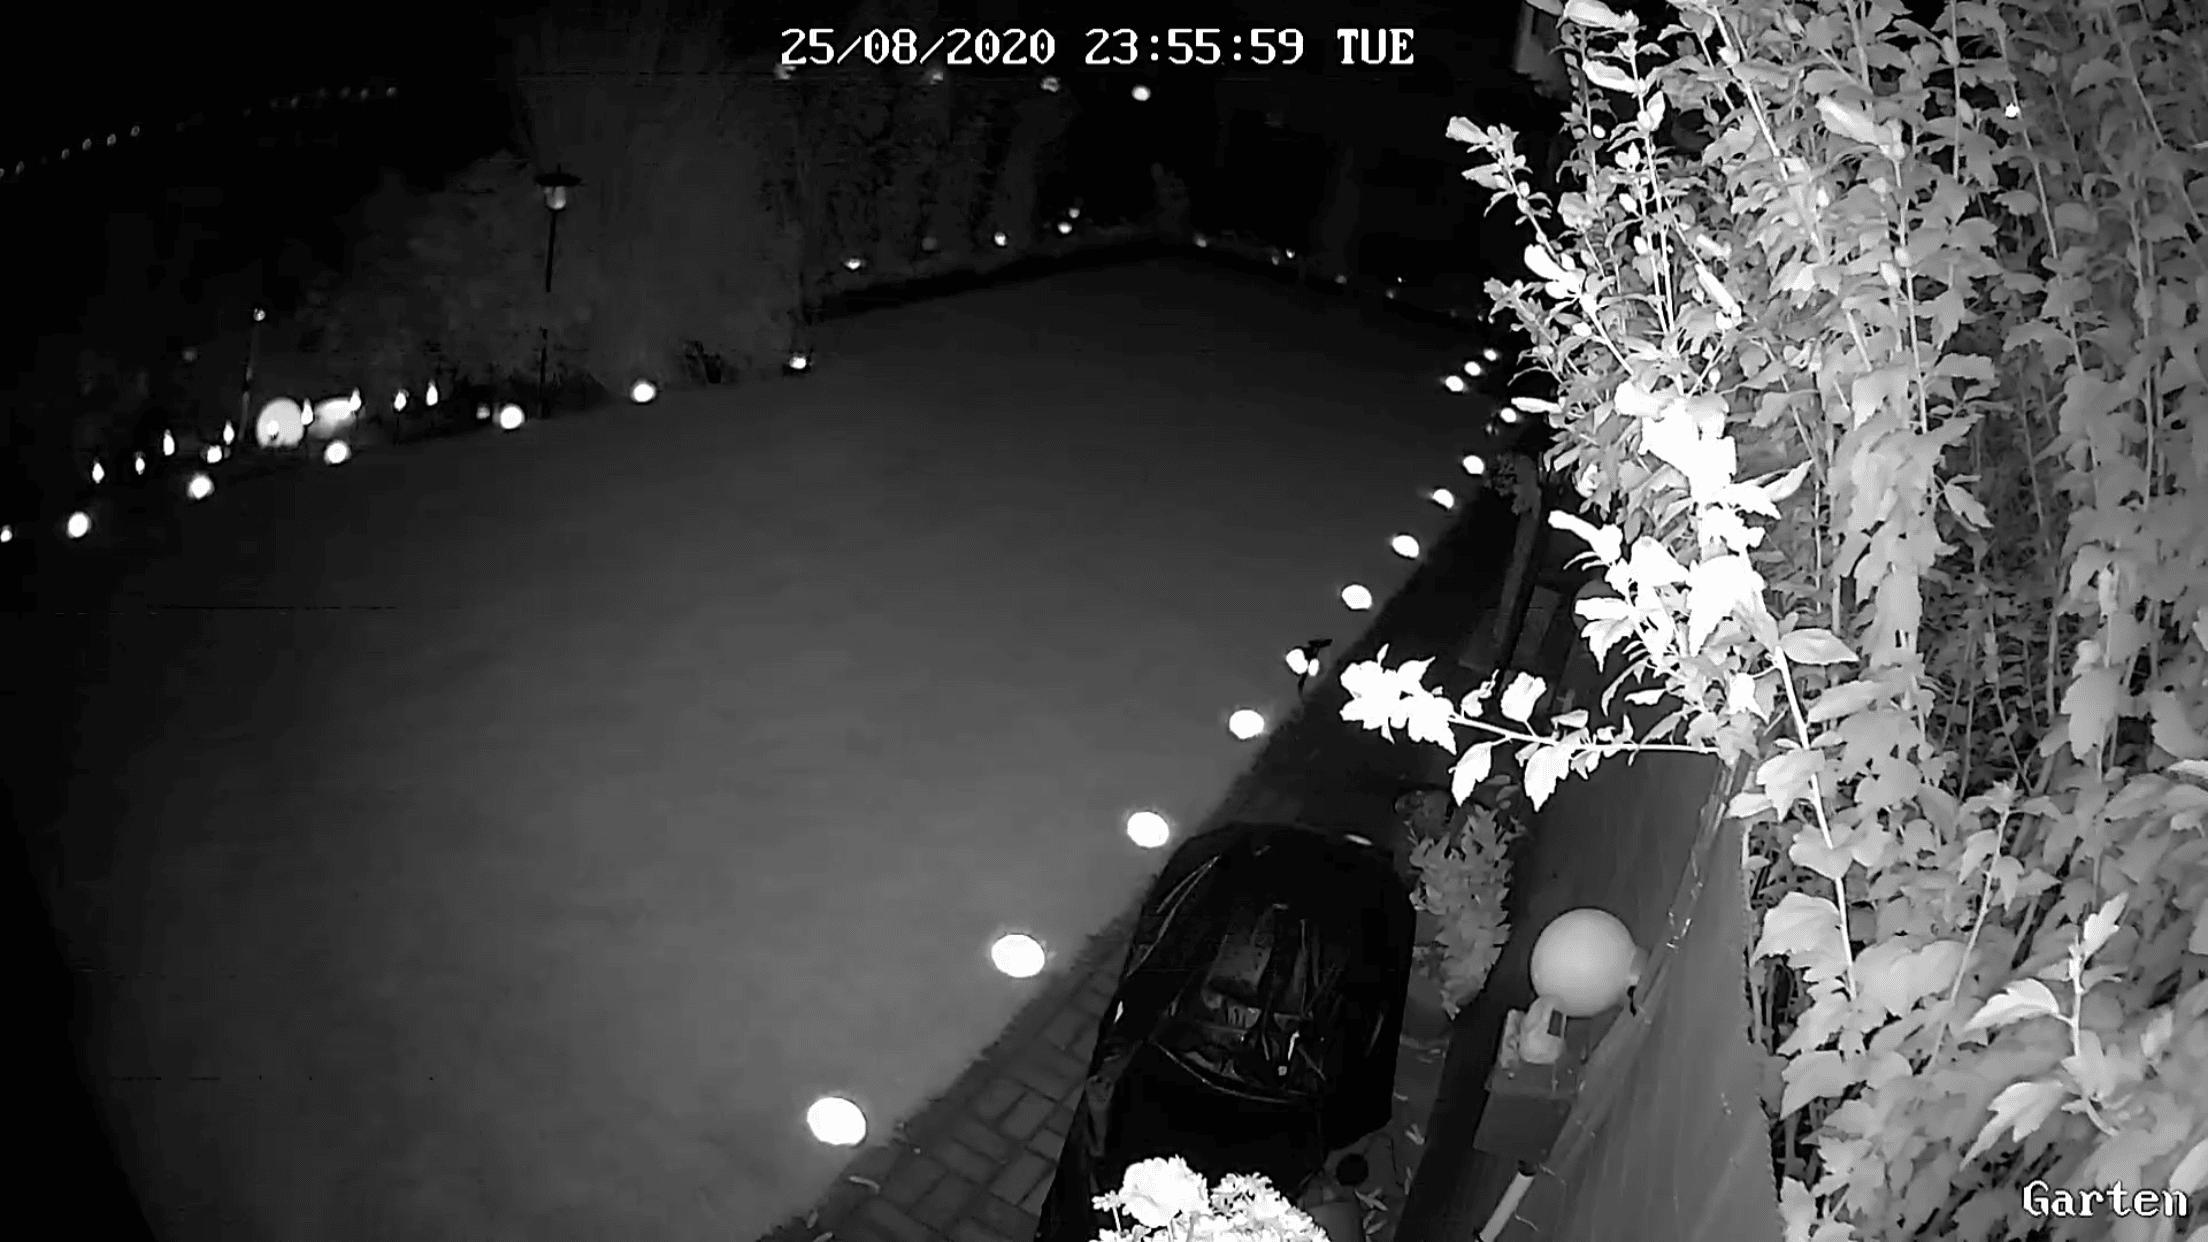 Überwachungskamera im Garten bei Nacht